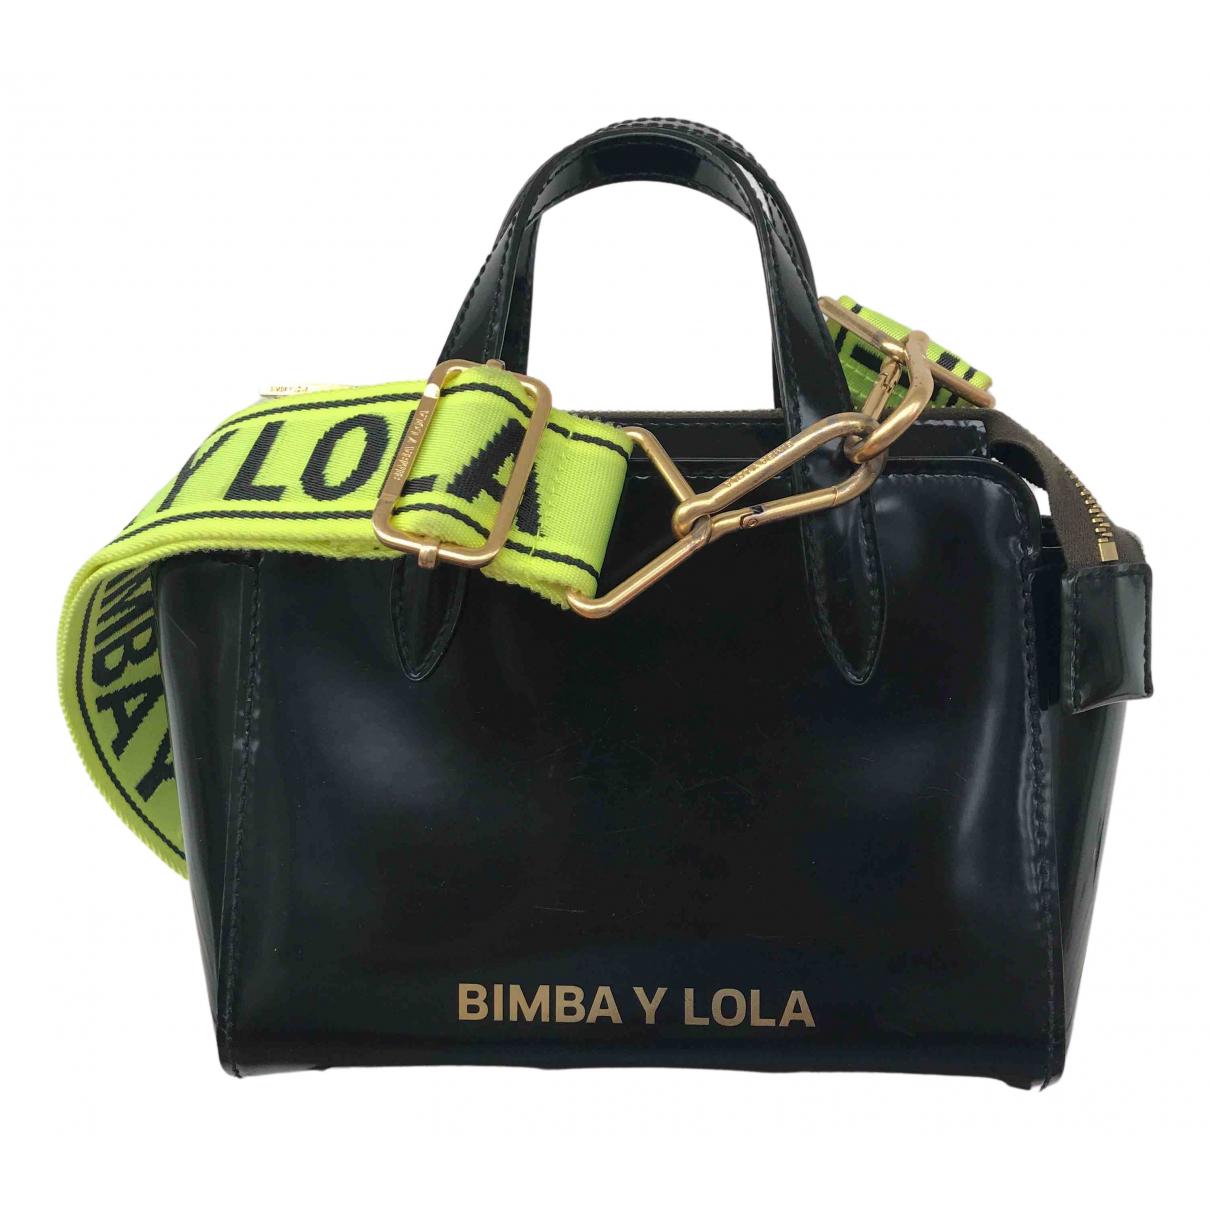 Bandolera de Charol Bimba Y Lola